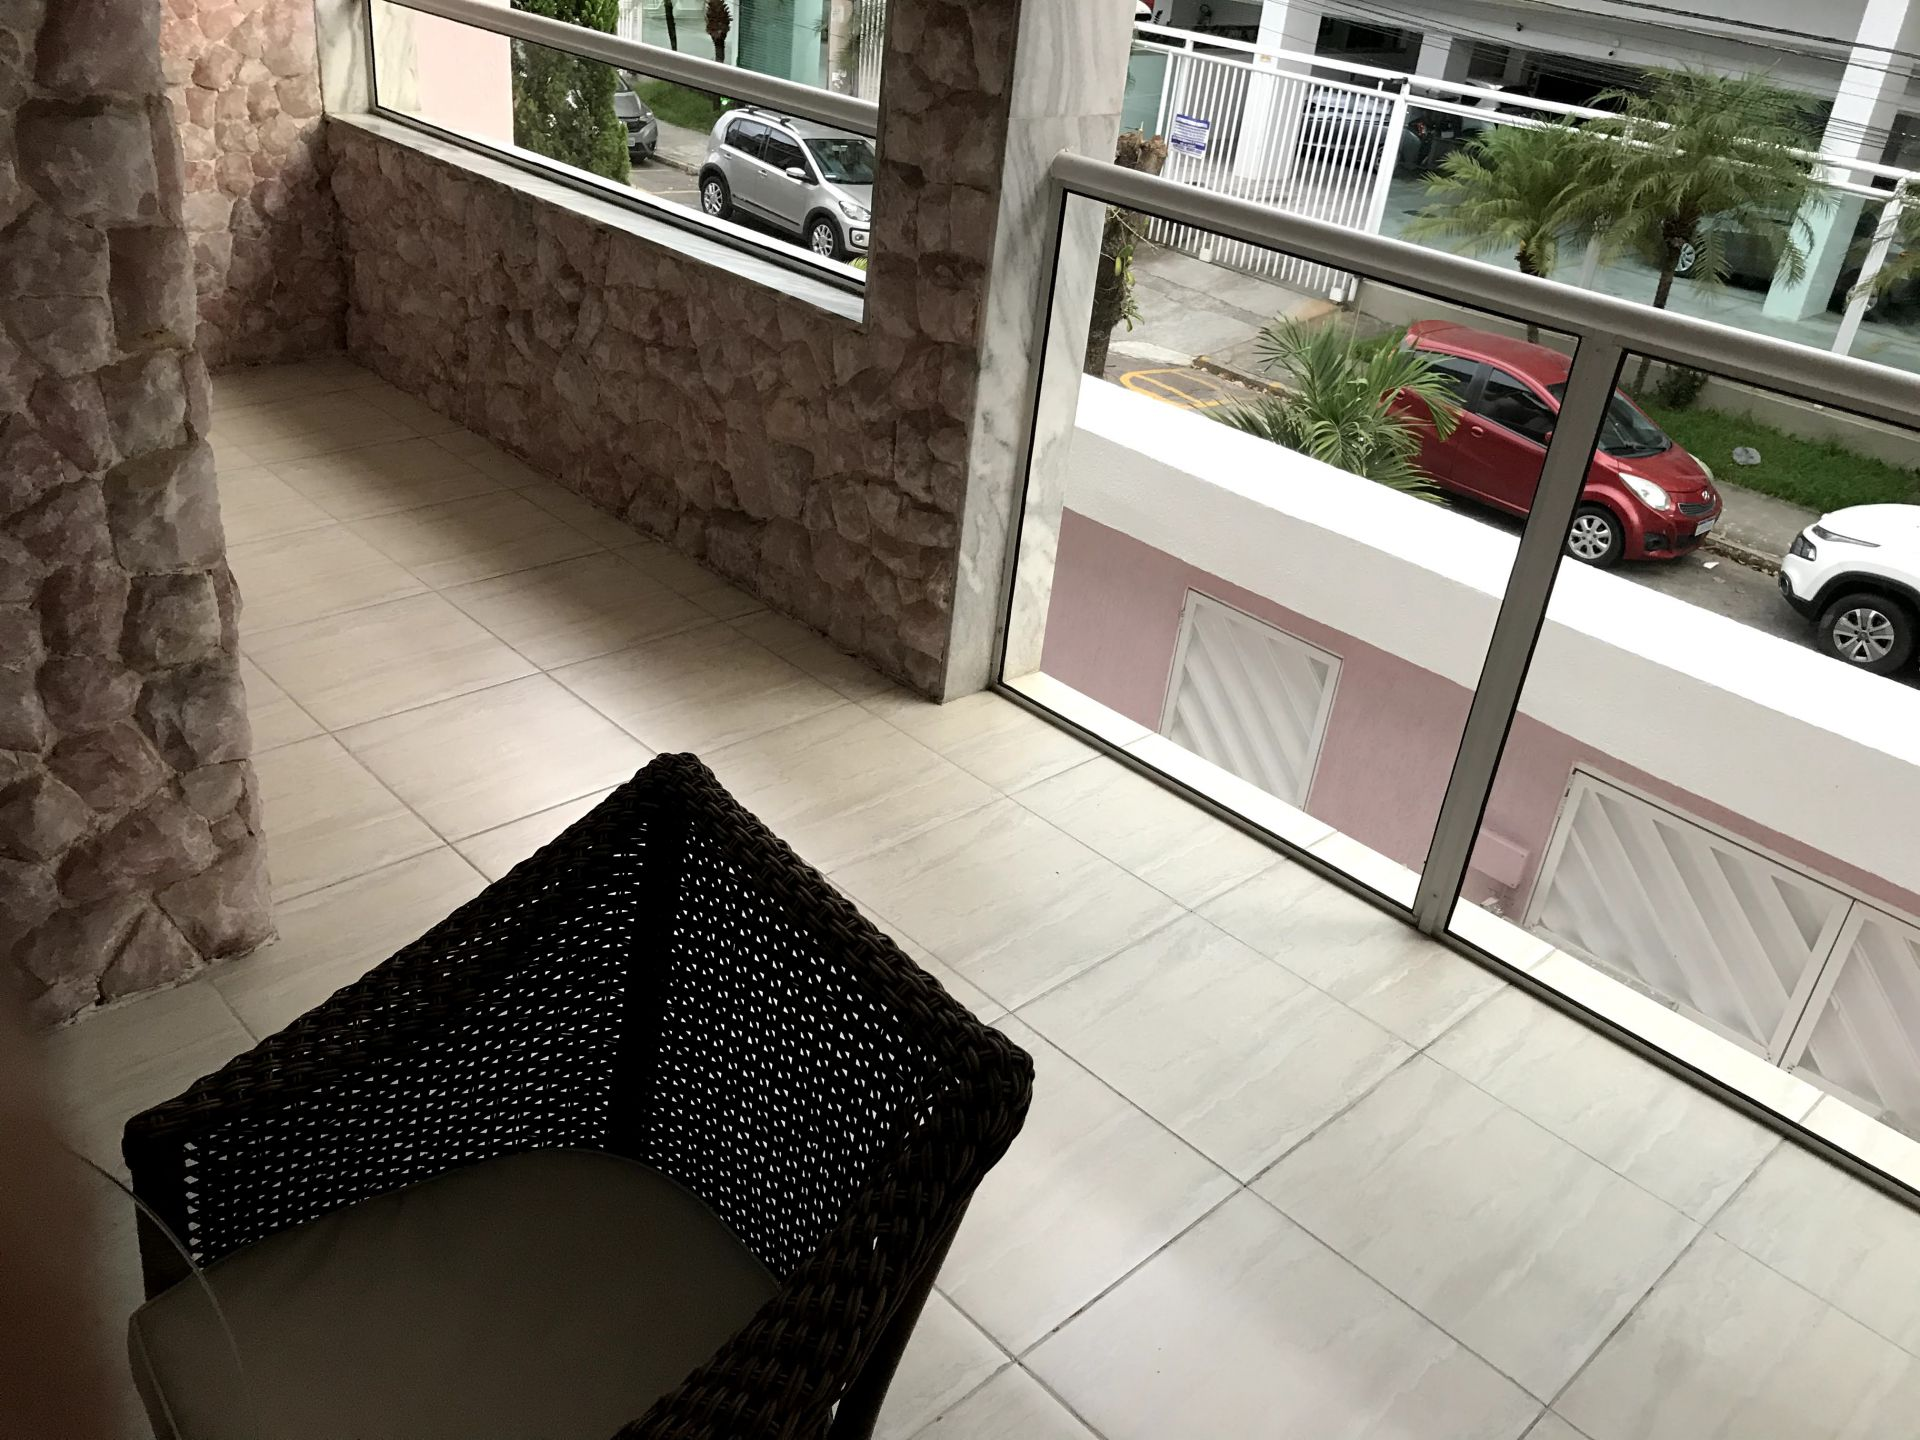 FOTO 17 - Casa em Condomínio à venda Rua Rosário Oeste,Vila Valqueire, Rio de Janeiro - R$ 1.500.000 - RF257 - 18